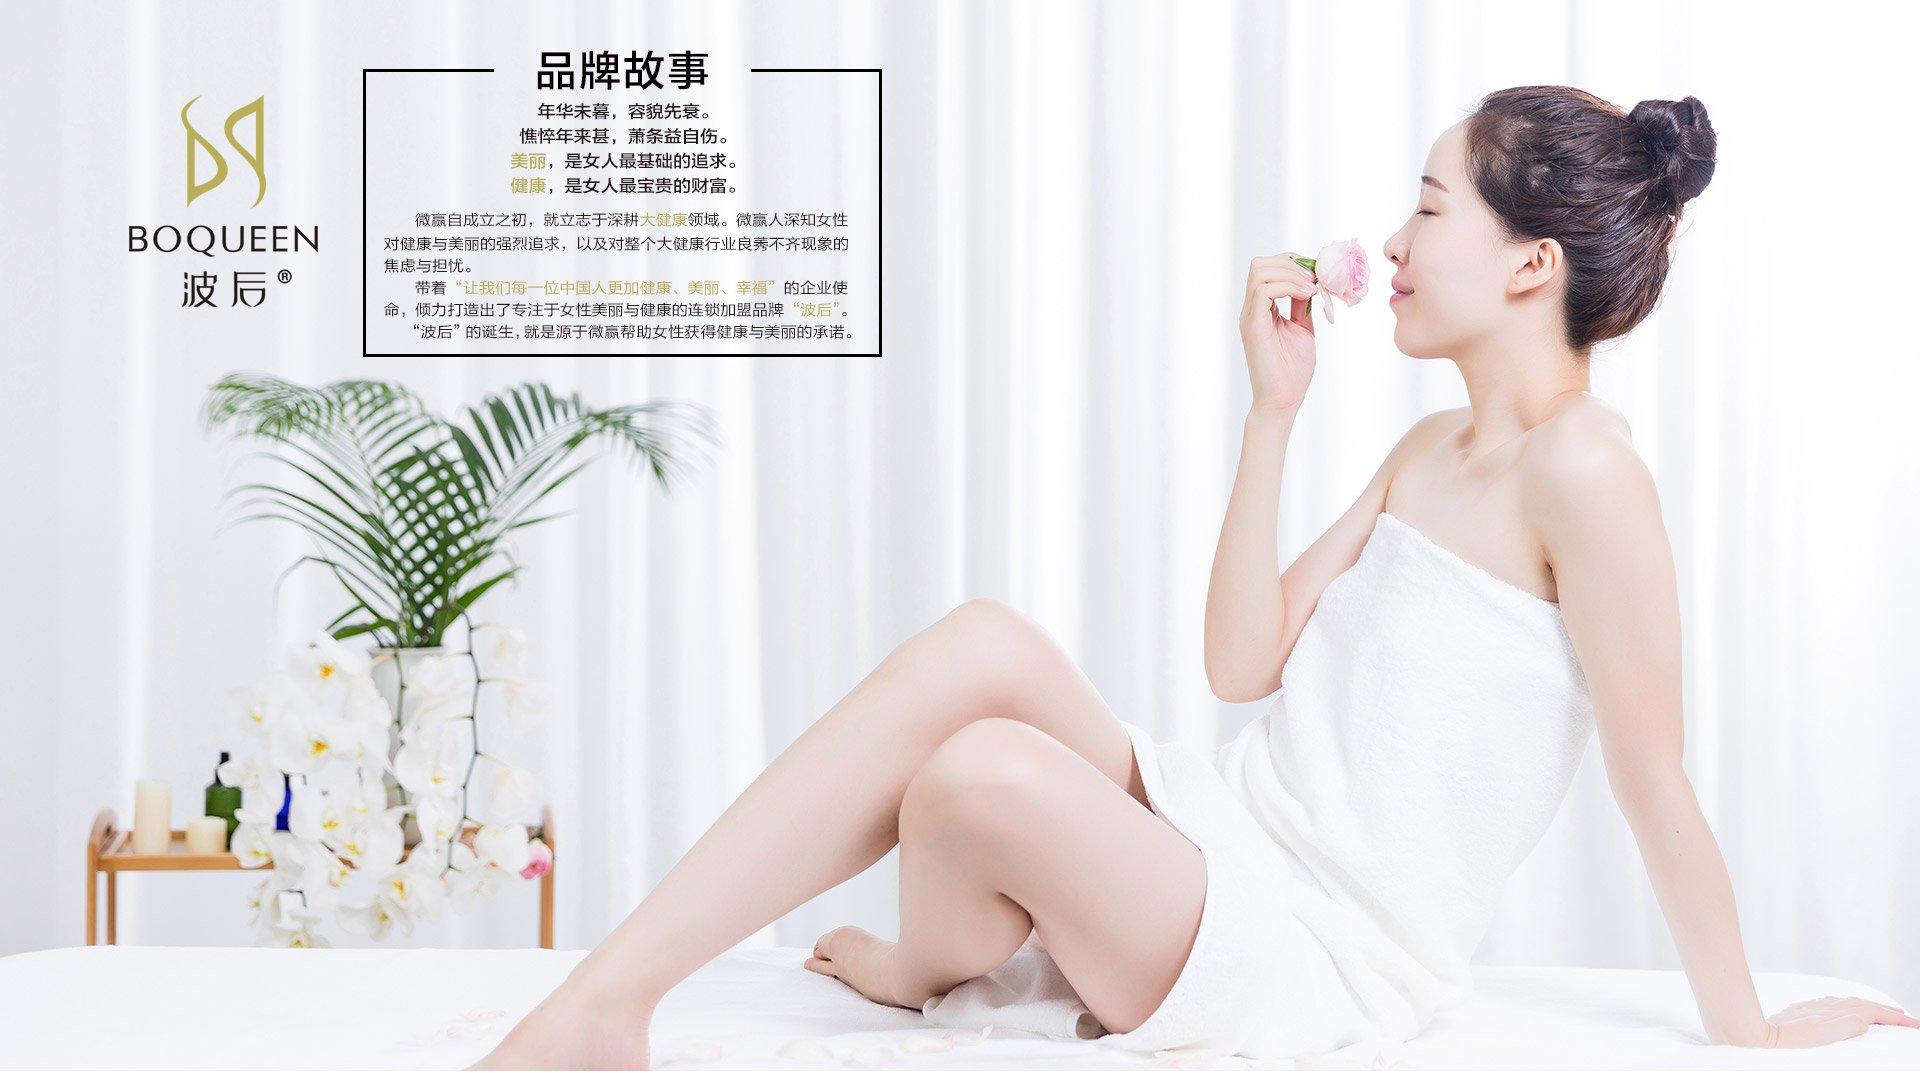 波后-女性健康护理品牌 (29)